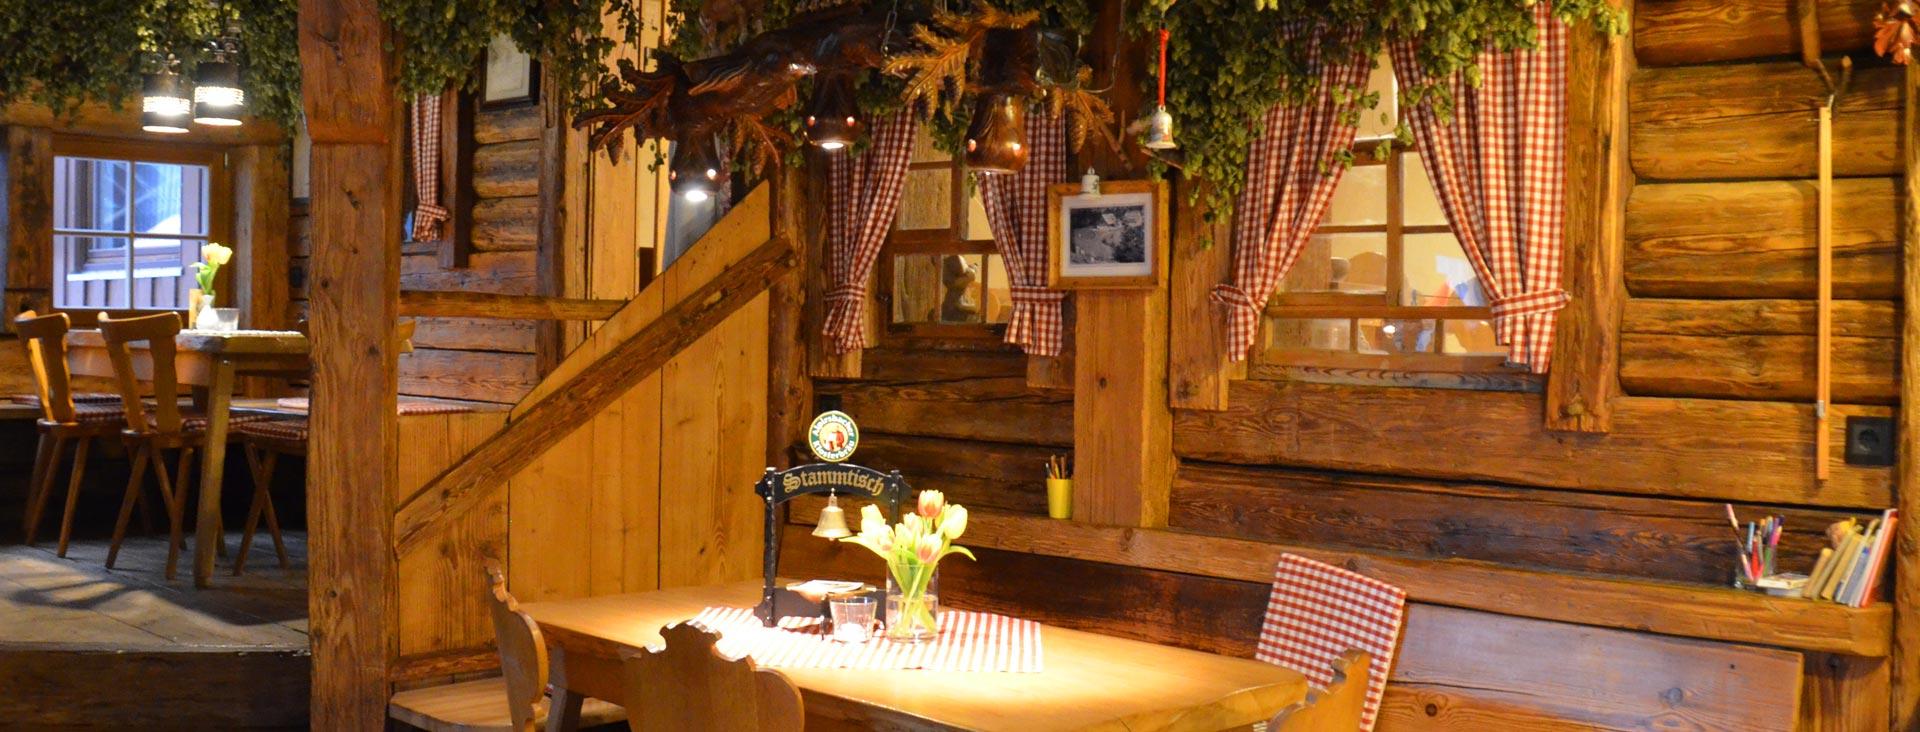 Stammtisch in der Unteren Mühle in Alpirsbach